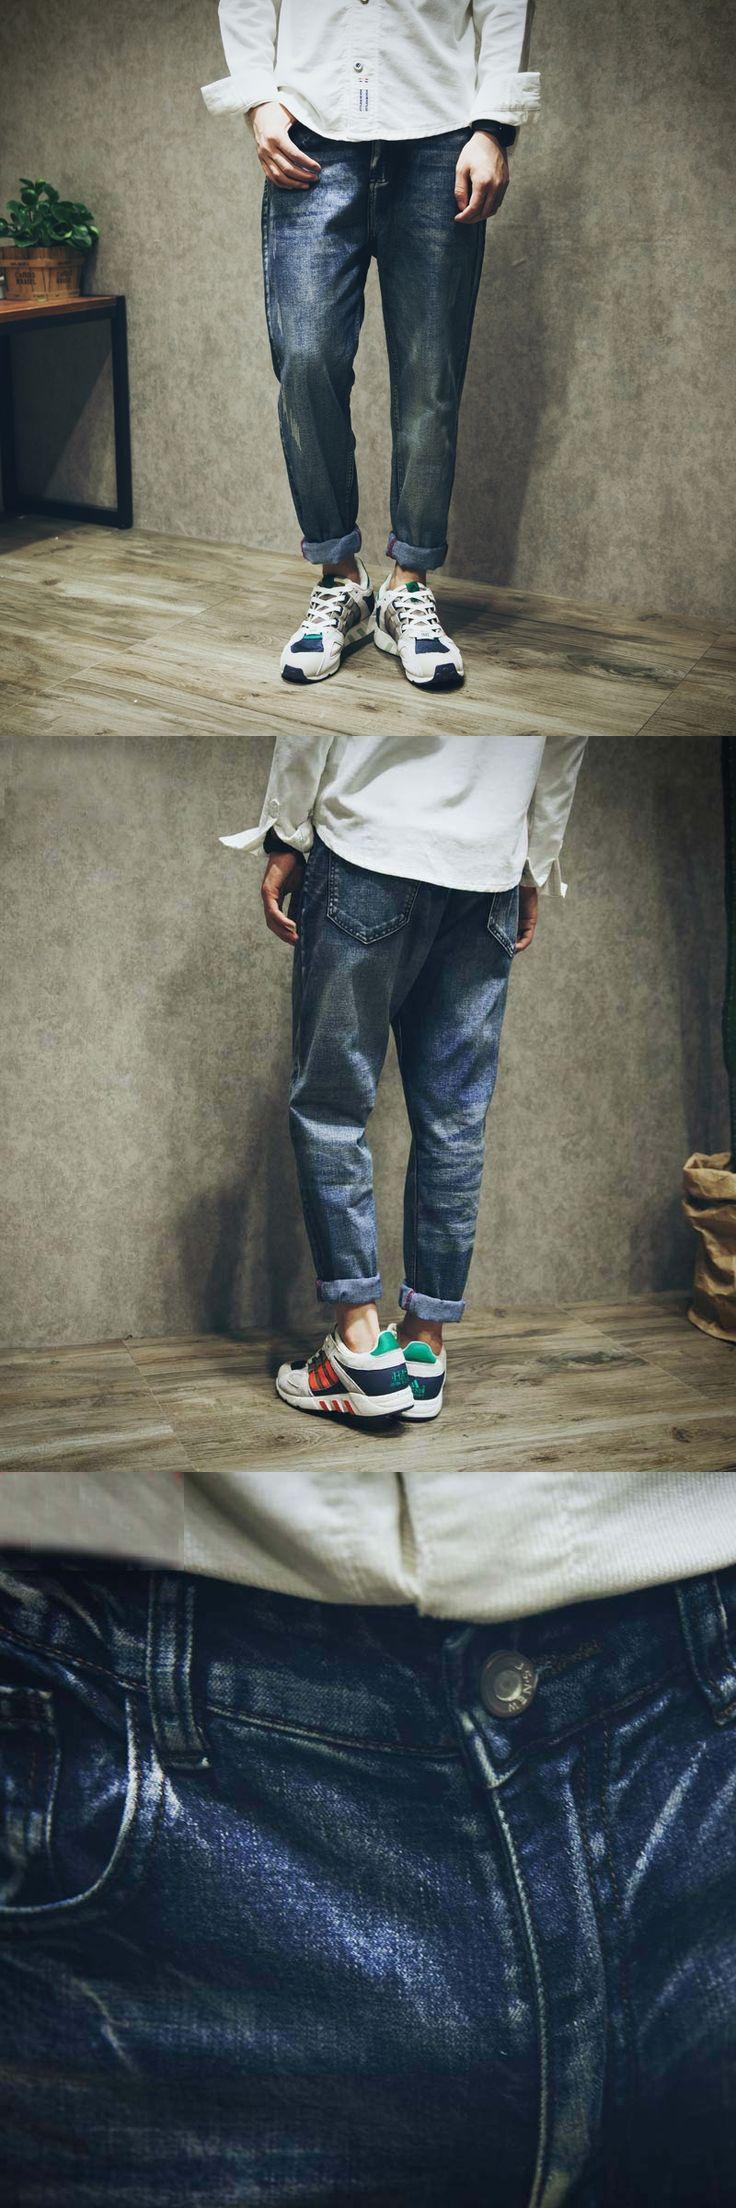 2017 Elastic Fabric Harem Jeans For Men Casual Denim Joggers Pants Cotton Loose Hip Hop Long low drop crotch Trousers 051102